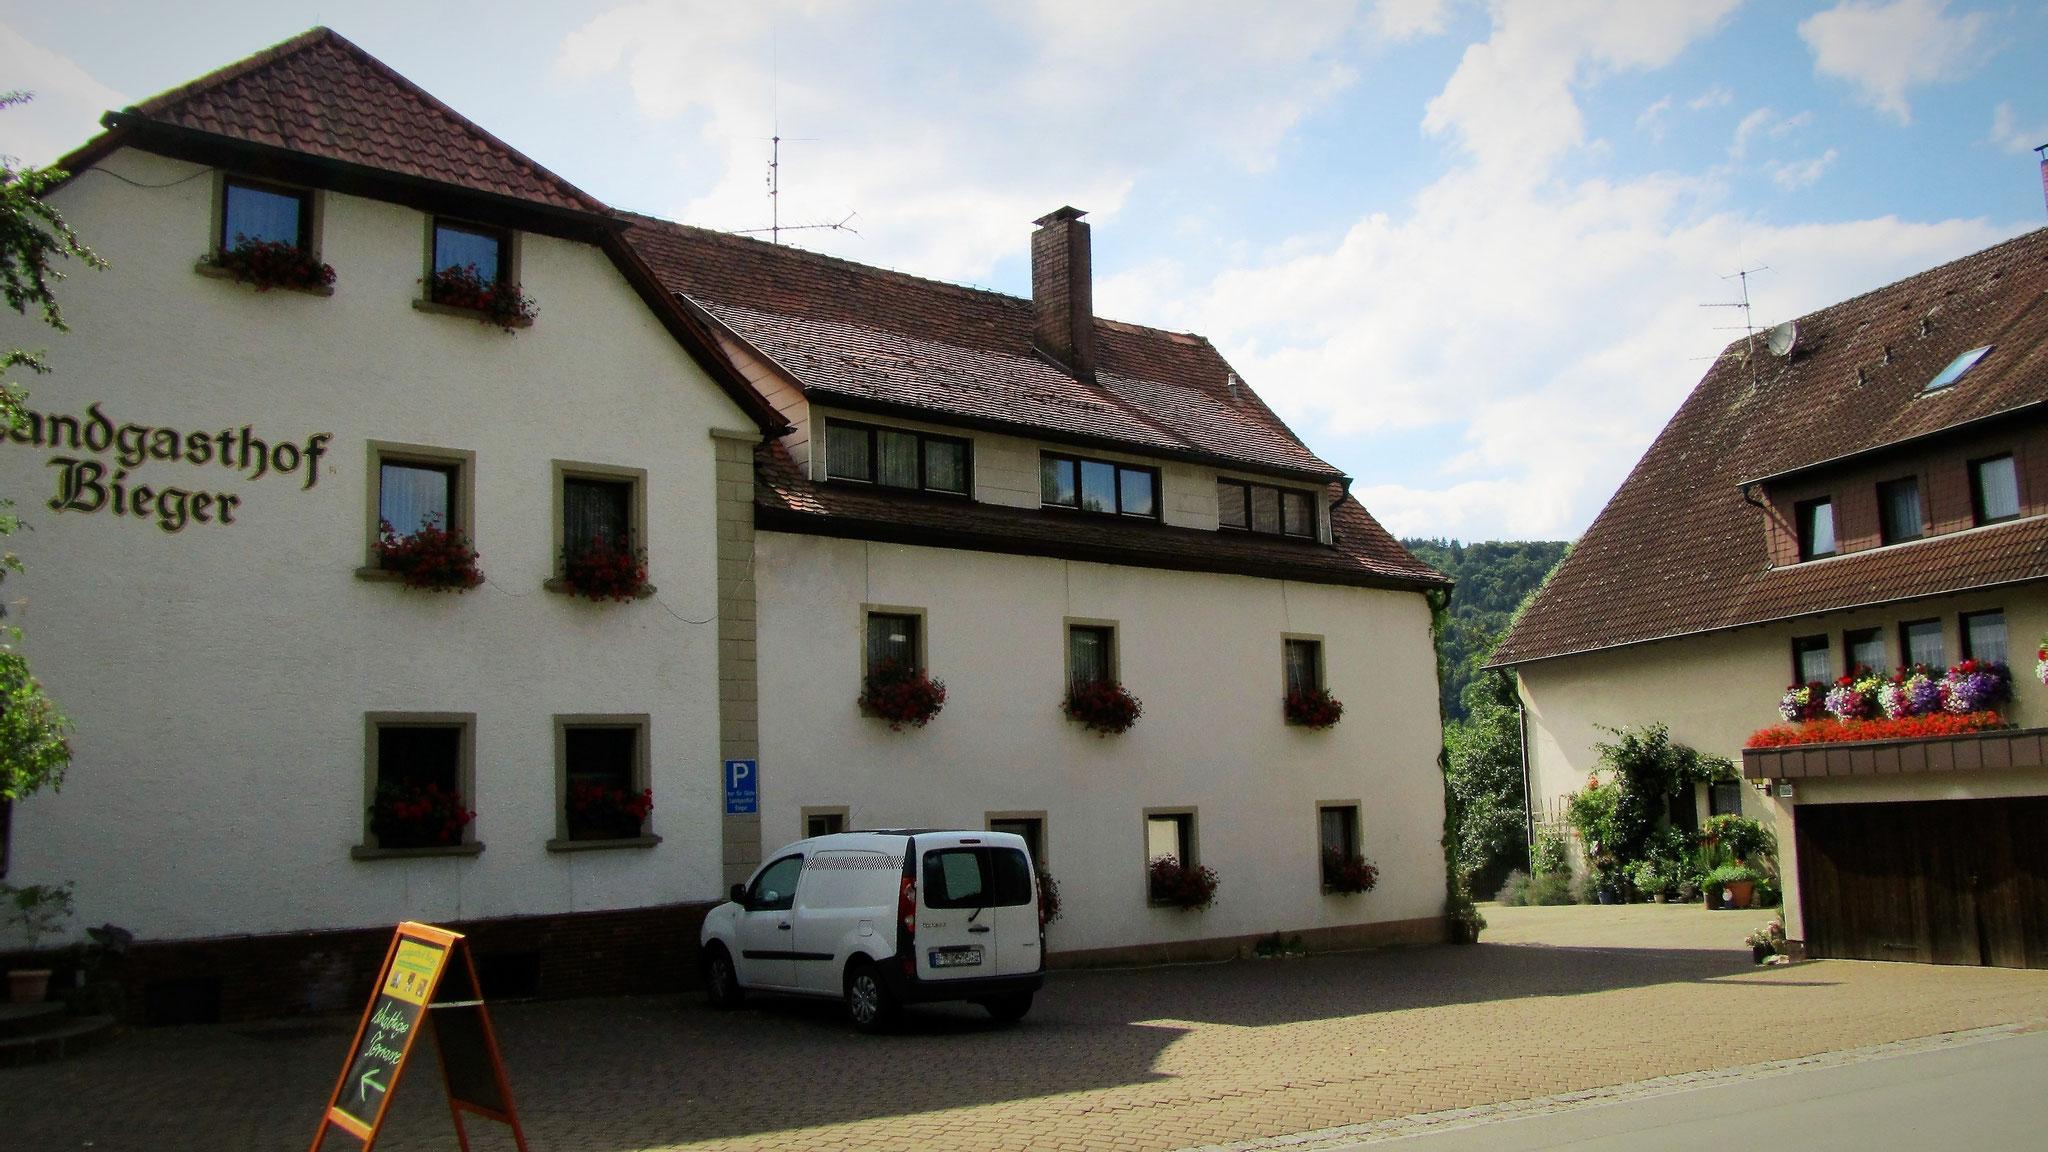 Der Landgasthof Bieger in der Fränkischen Schweiz, 2 km von Ebermannstadt.